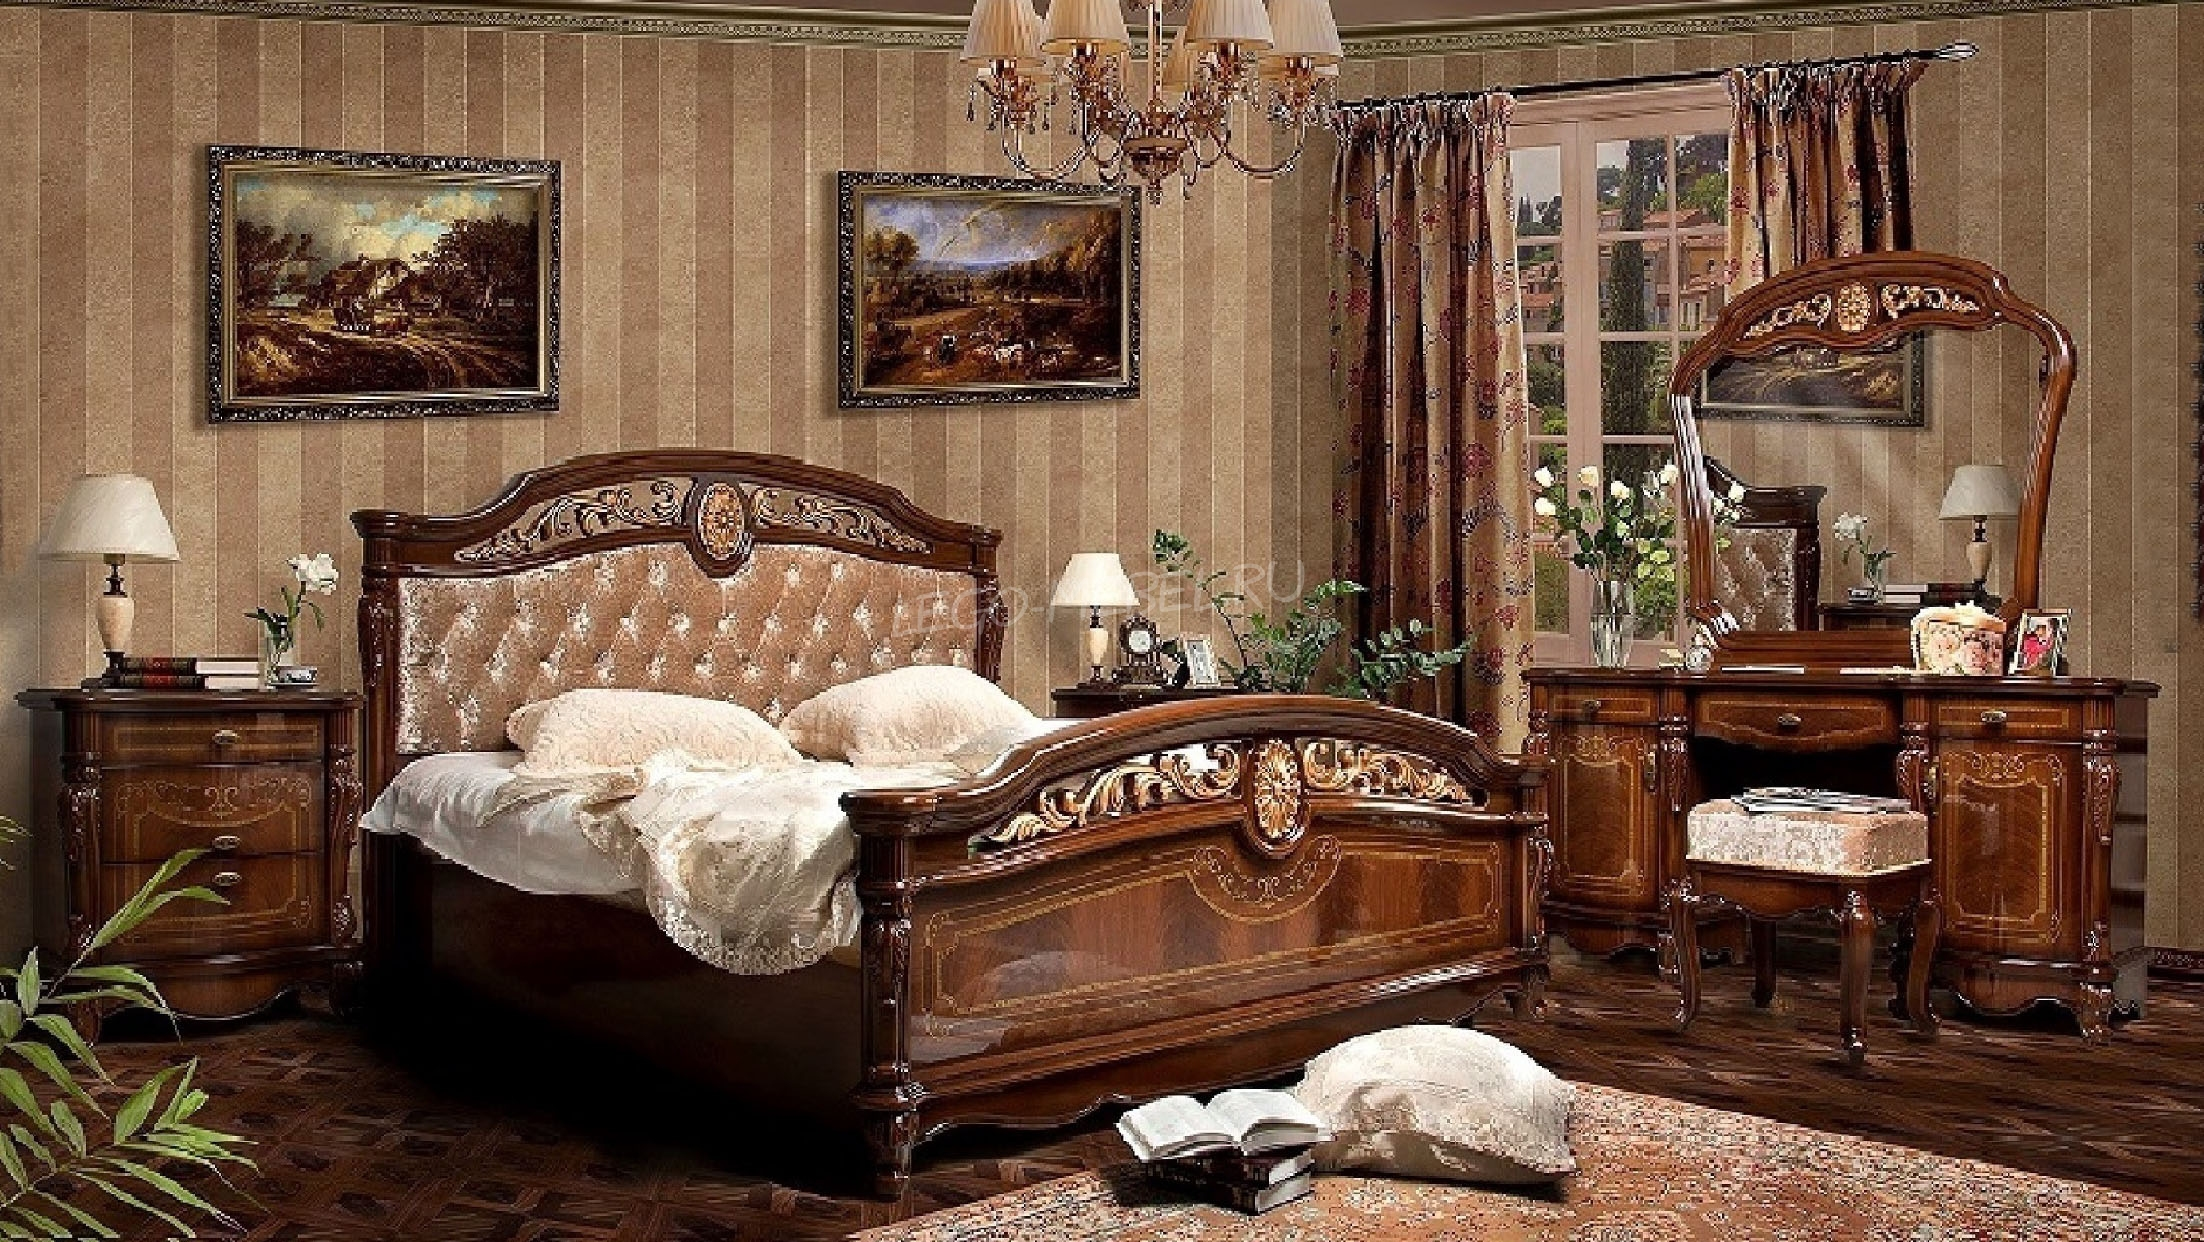 для рабочего купить спальню с шелкографией онлайн